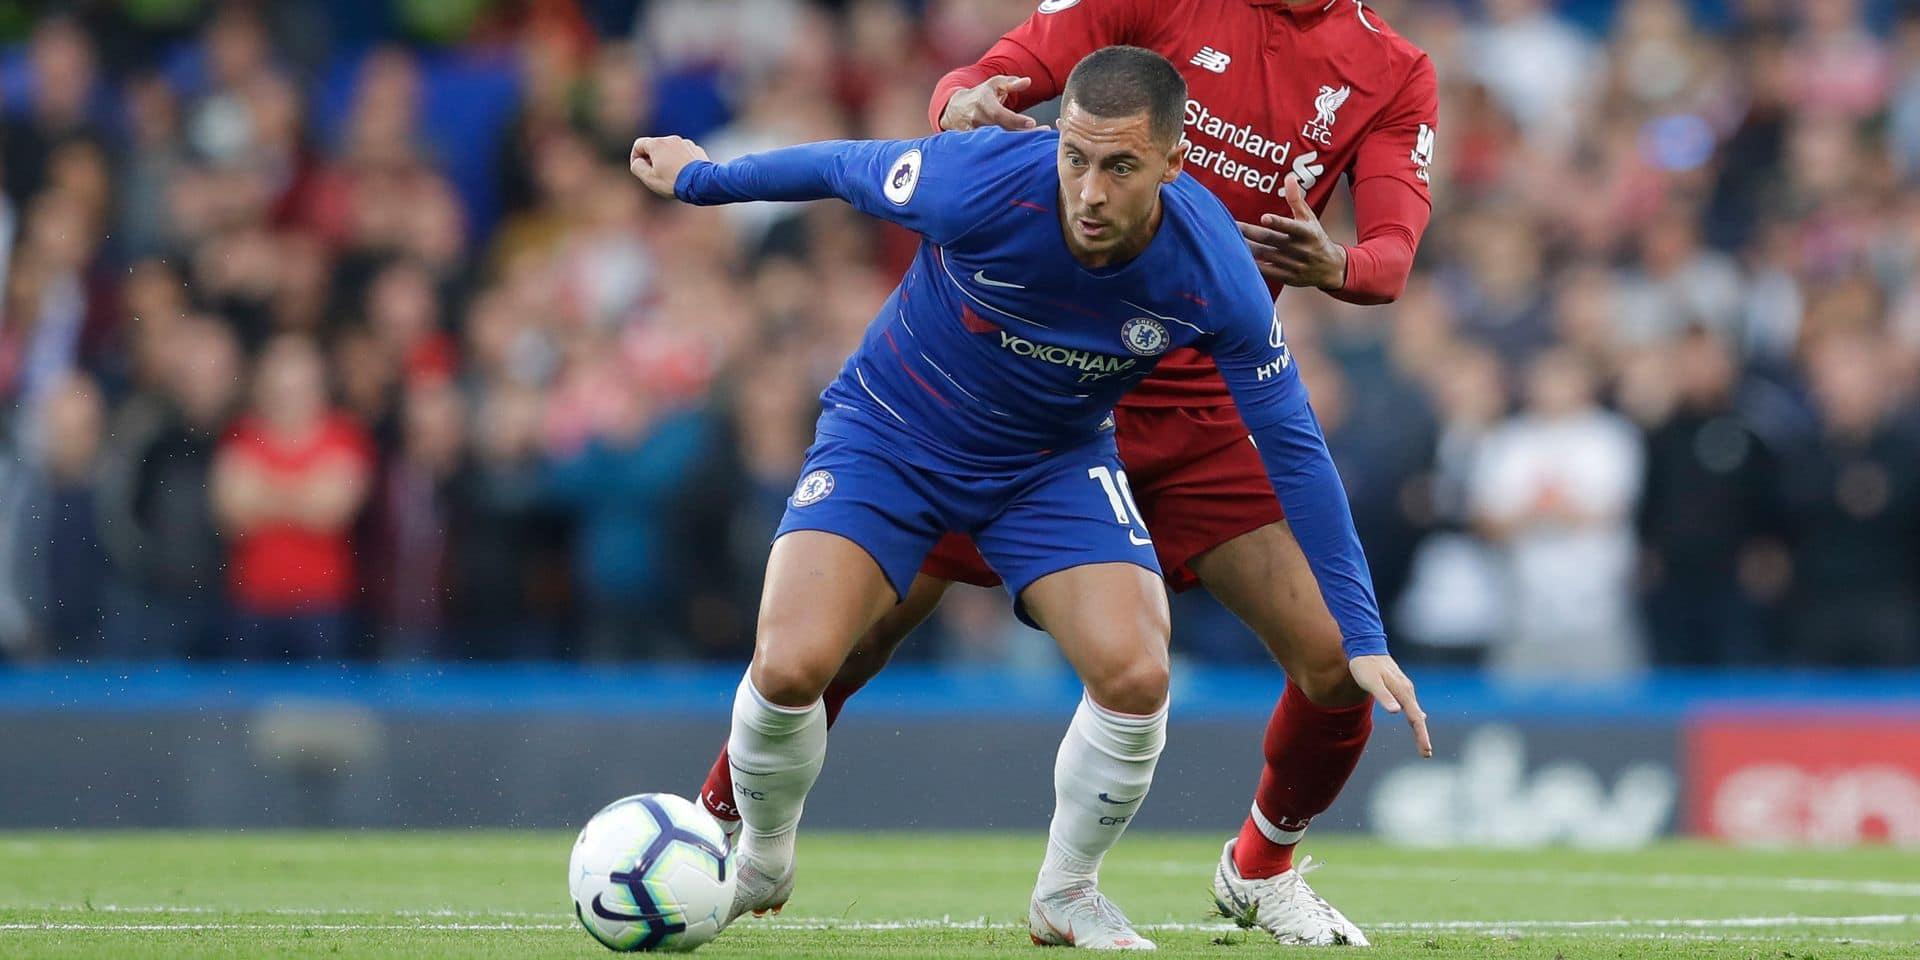 Les Belges à l'étranger: Eden Hazard et Dries Mertens buteurs contre Liverpool et la Juventus (VIDEOs)